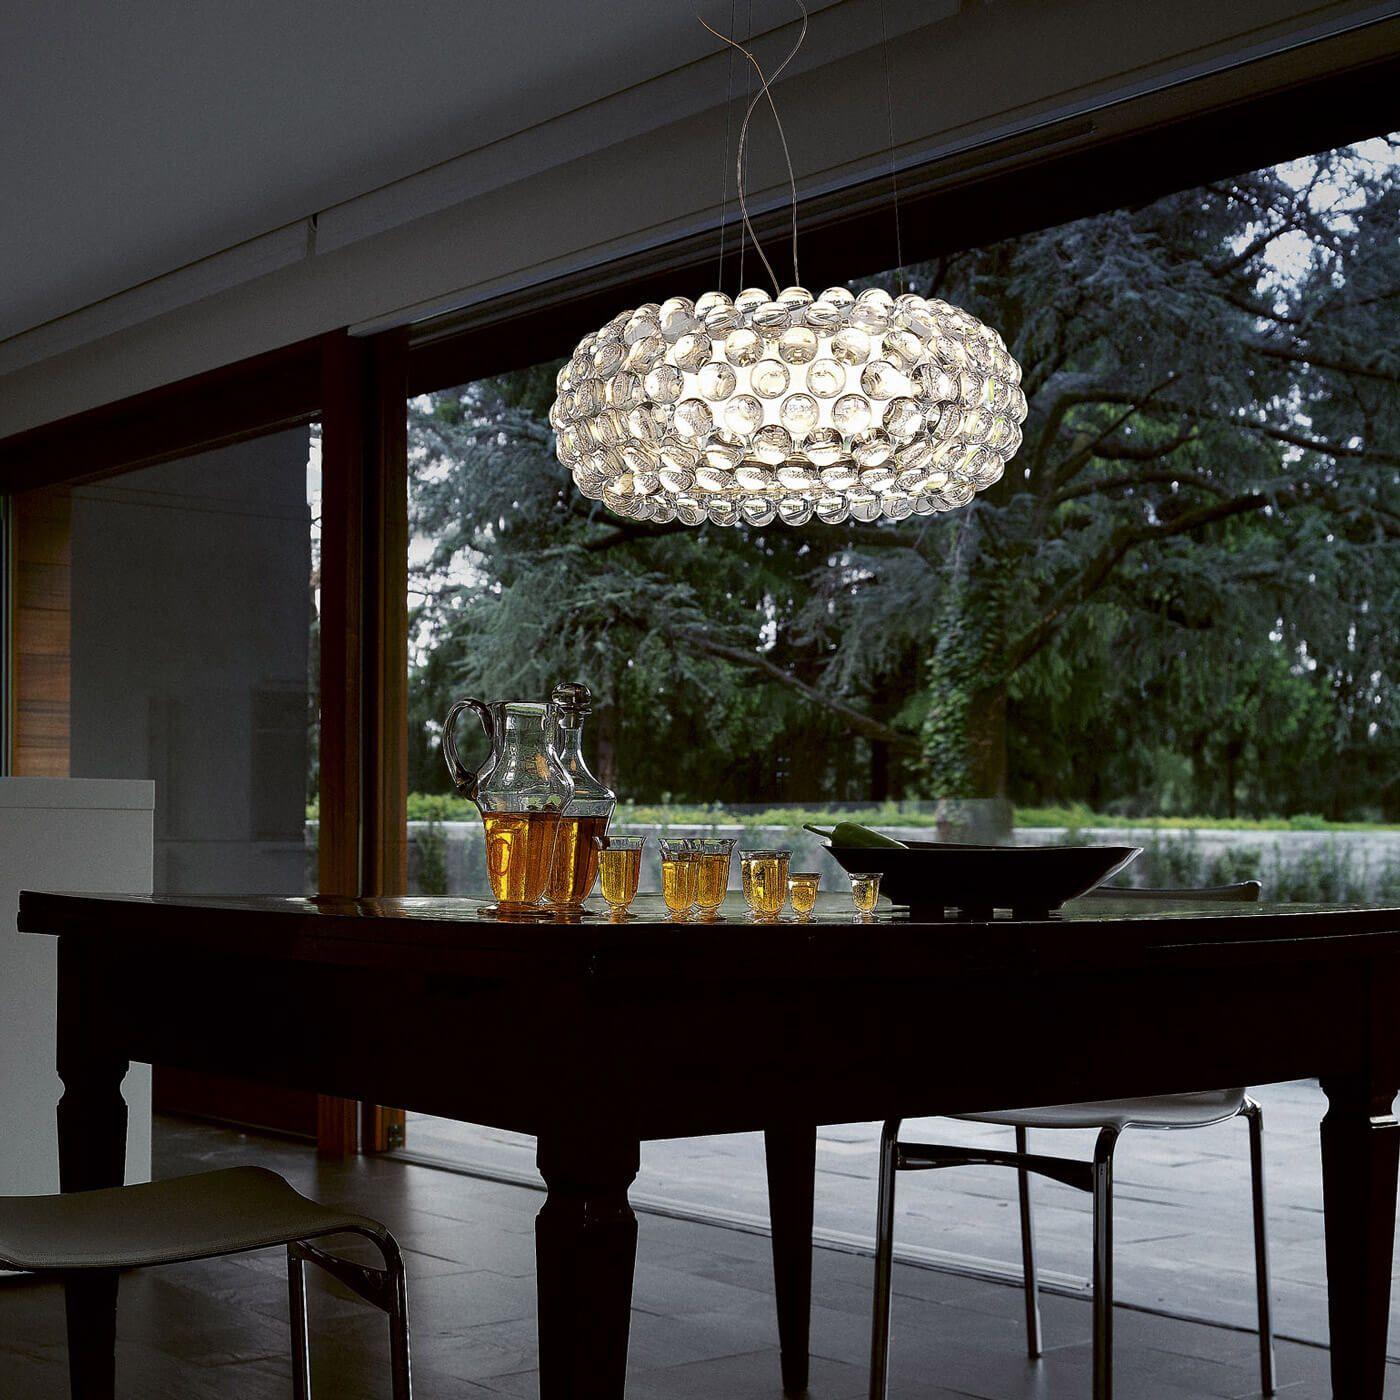 Full Size of Designer Lampen Design Leuchten Bei Nostraforma Esstisch Bad Küche Deckenlampen Für Wohnzimmer Betten Badezimmer Esstische Schlafzimmer Led Regale Modern Wohnzimmer Designer Lampen